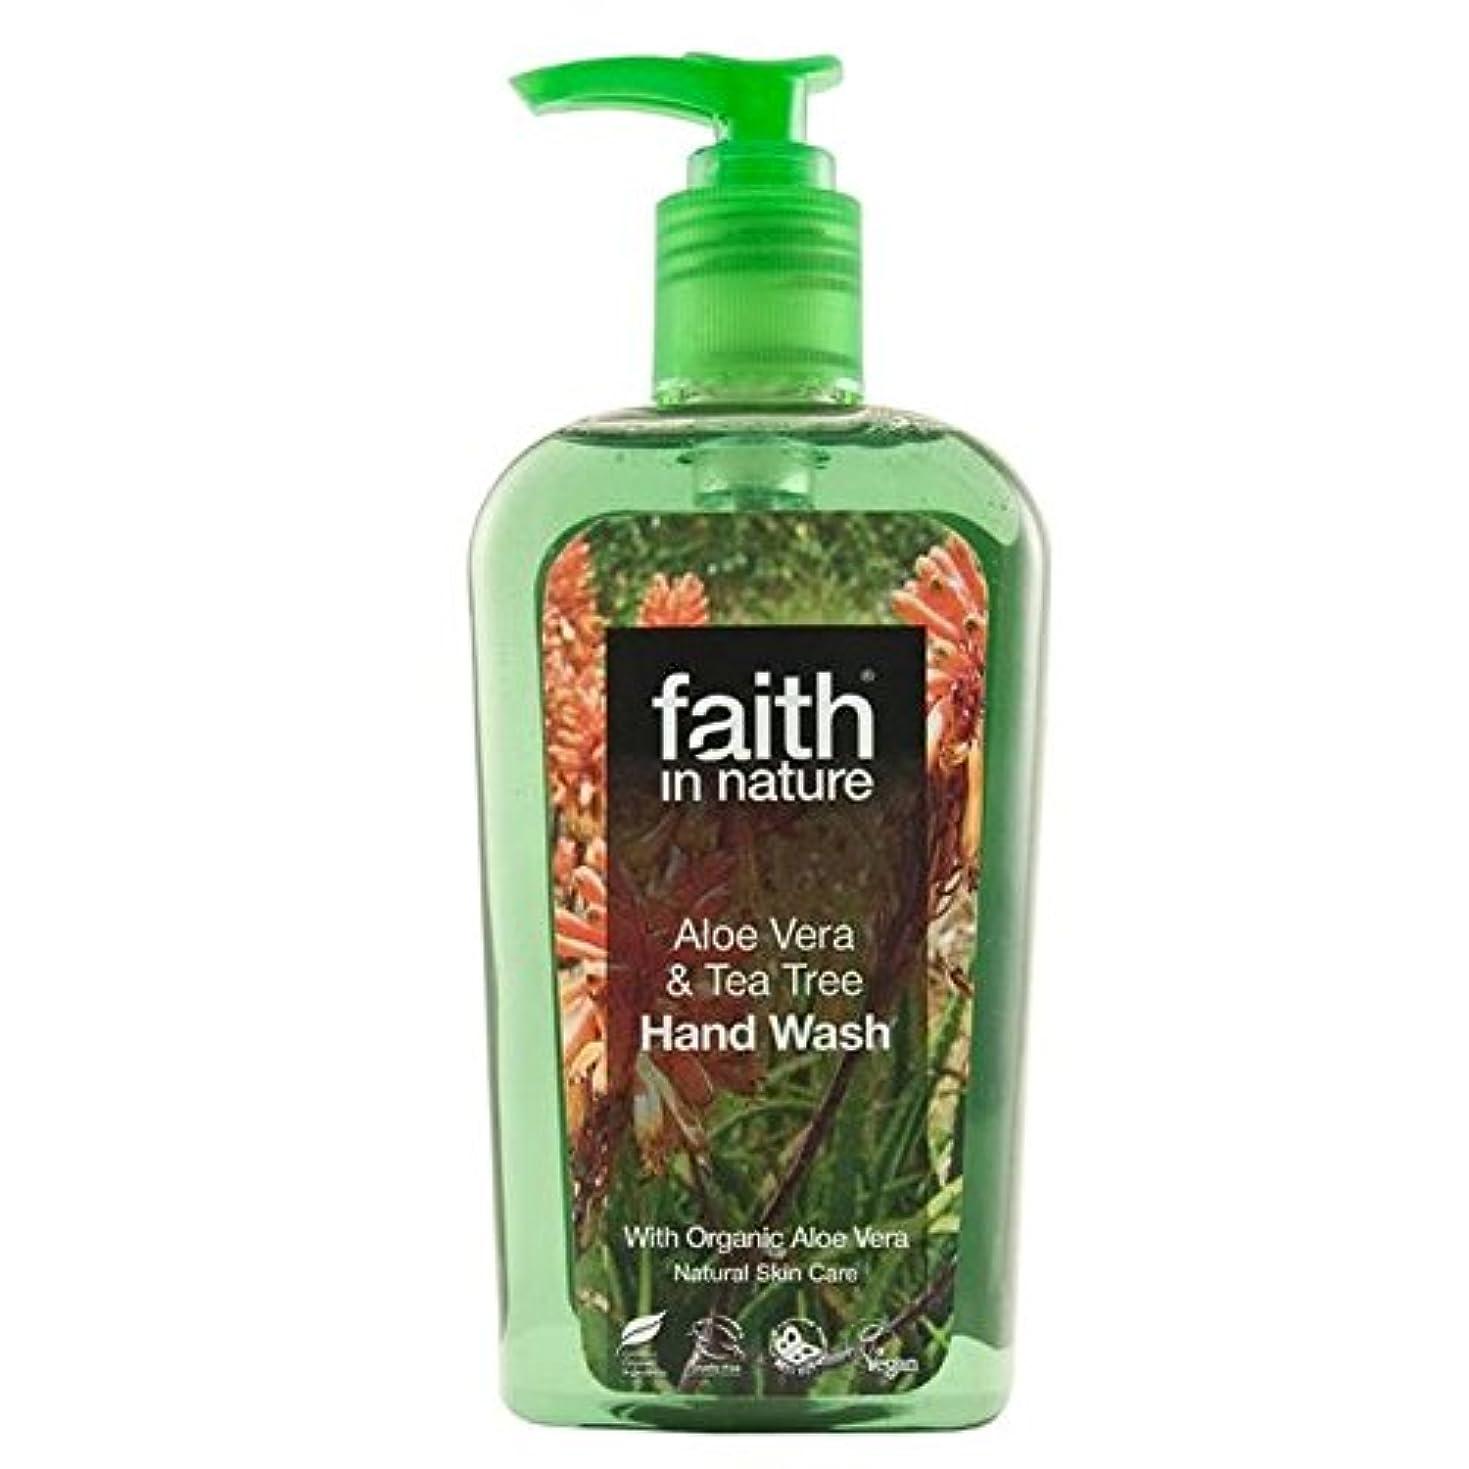 襟相対的ブラウスFaith in Nature Aloe Vera & Tea Tree Handwash 300ml (Pack of 2) - (Faith In Nature) 自然のアロエベラ&ティーツリー手洗いの300ミリリットル...